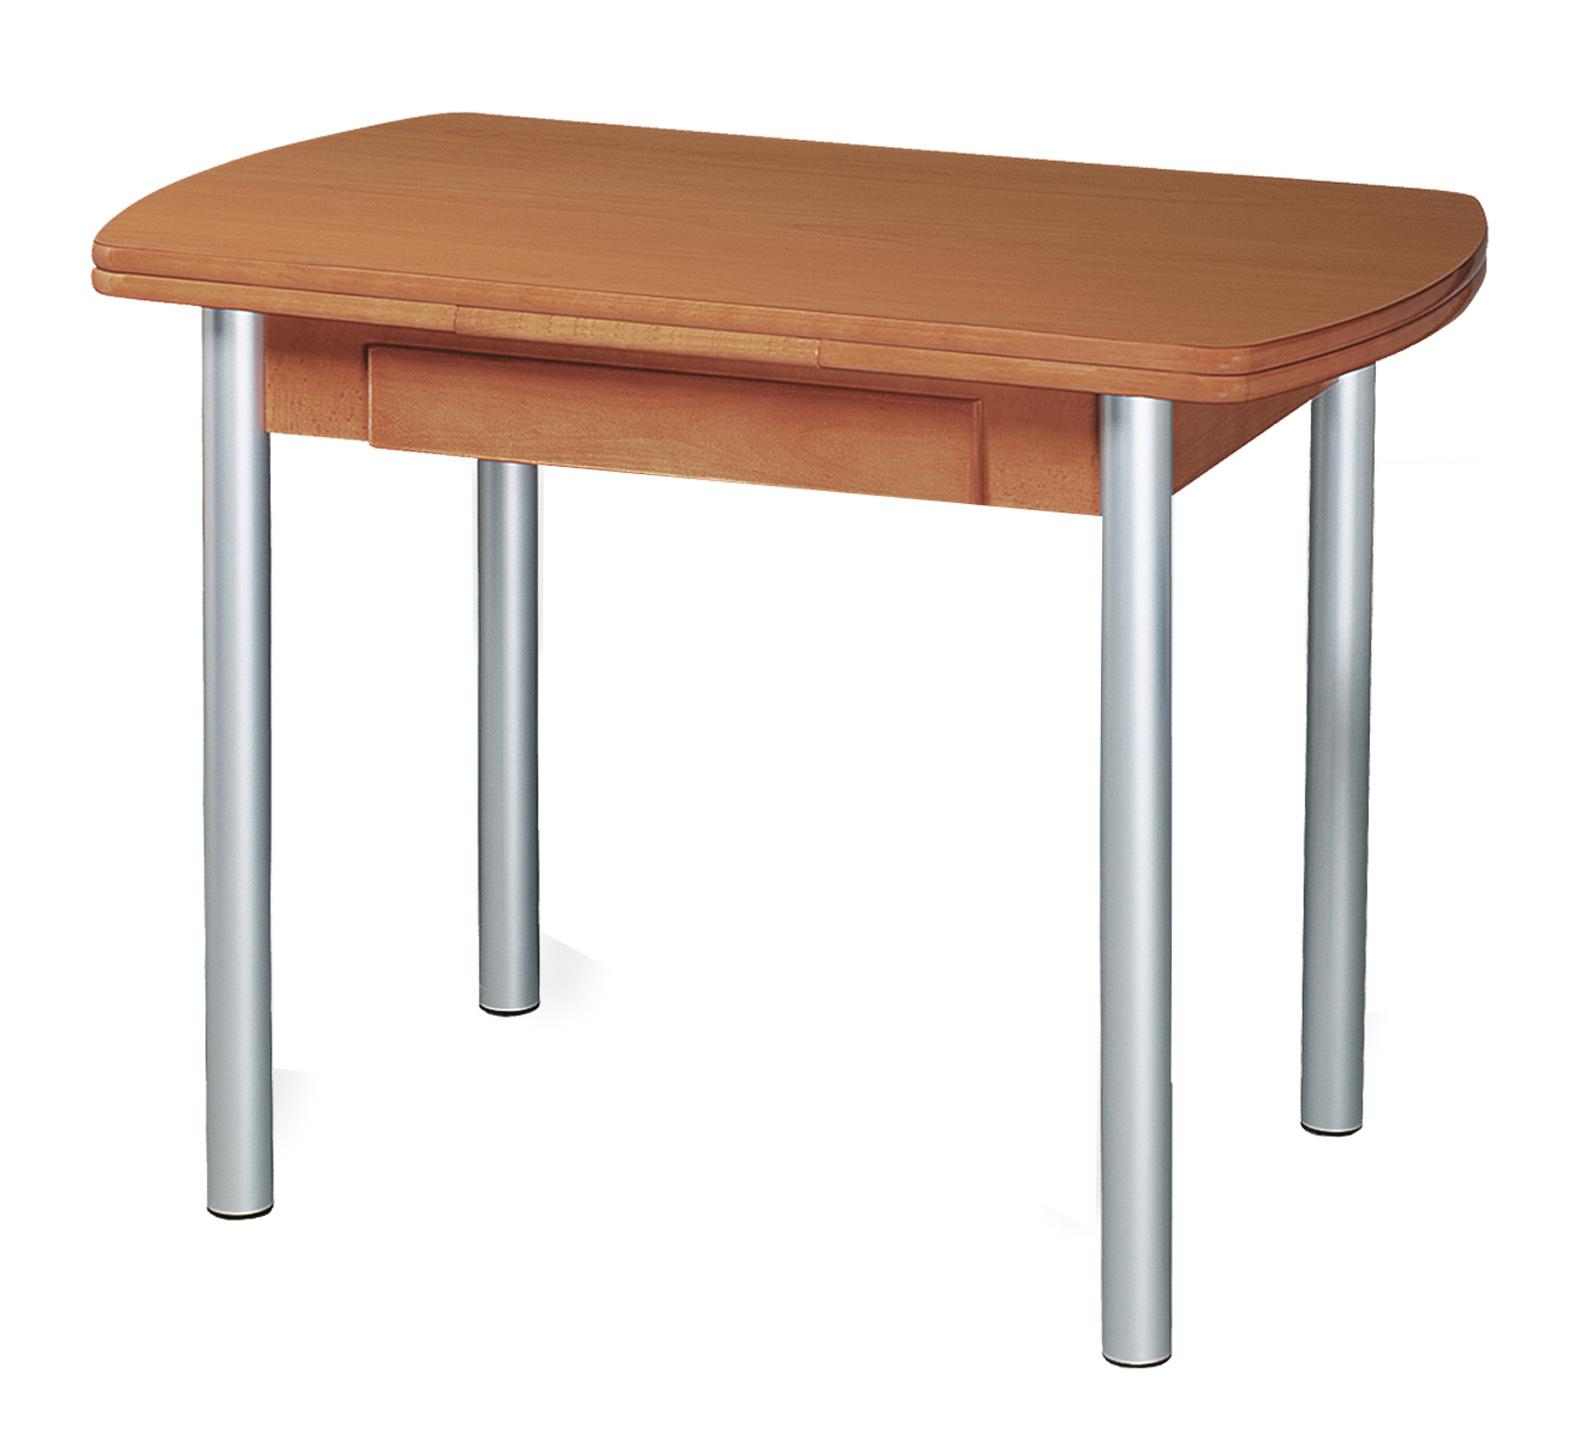 Mesa cocina oval 100 decora descans complementos mueble for Mueble mesa cocina